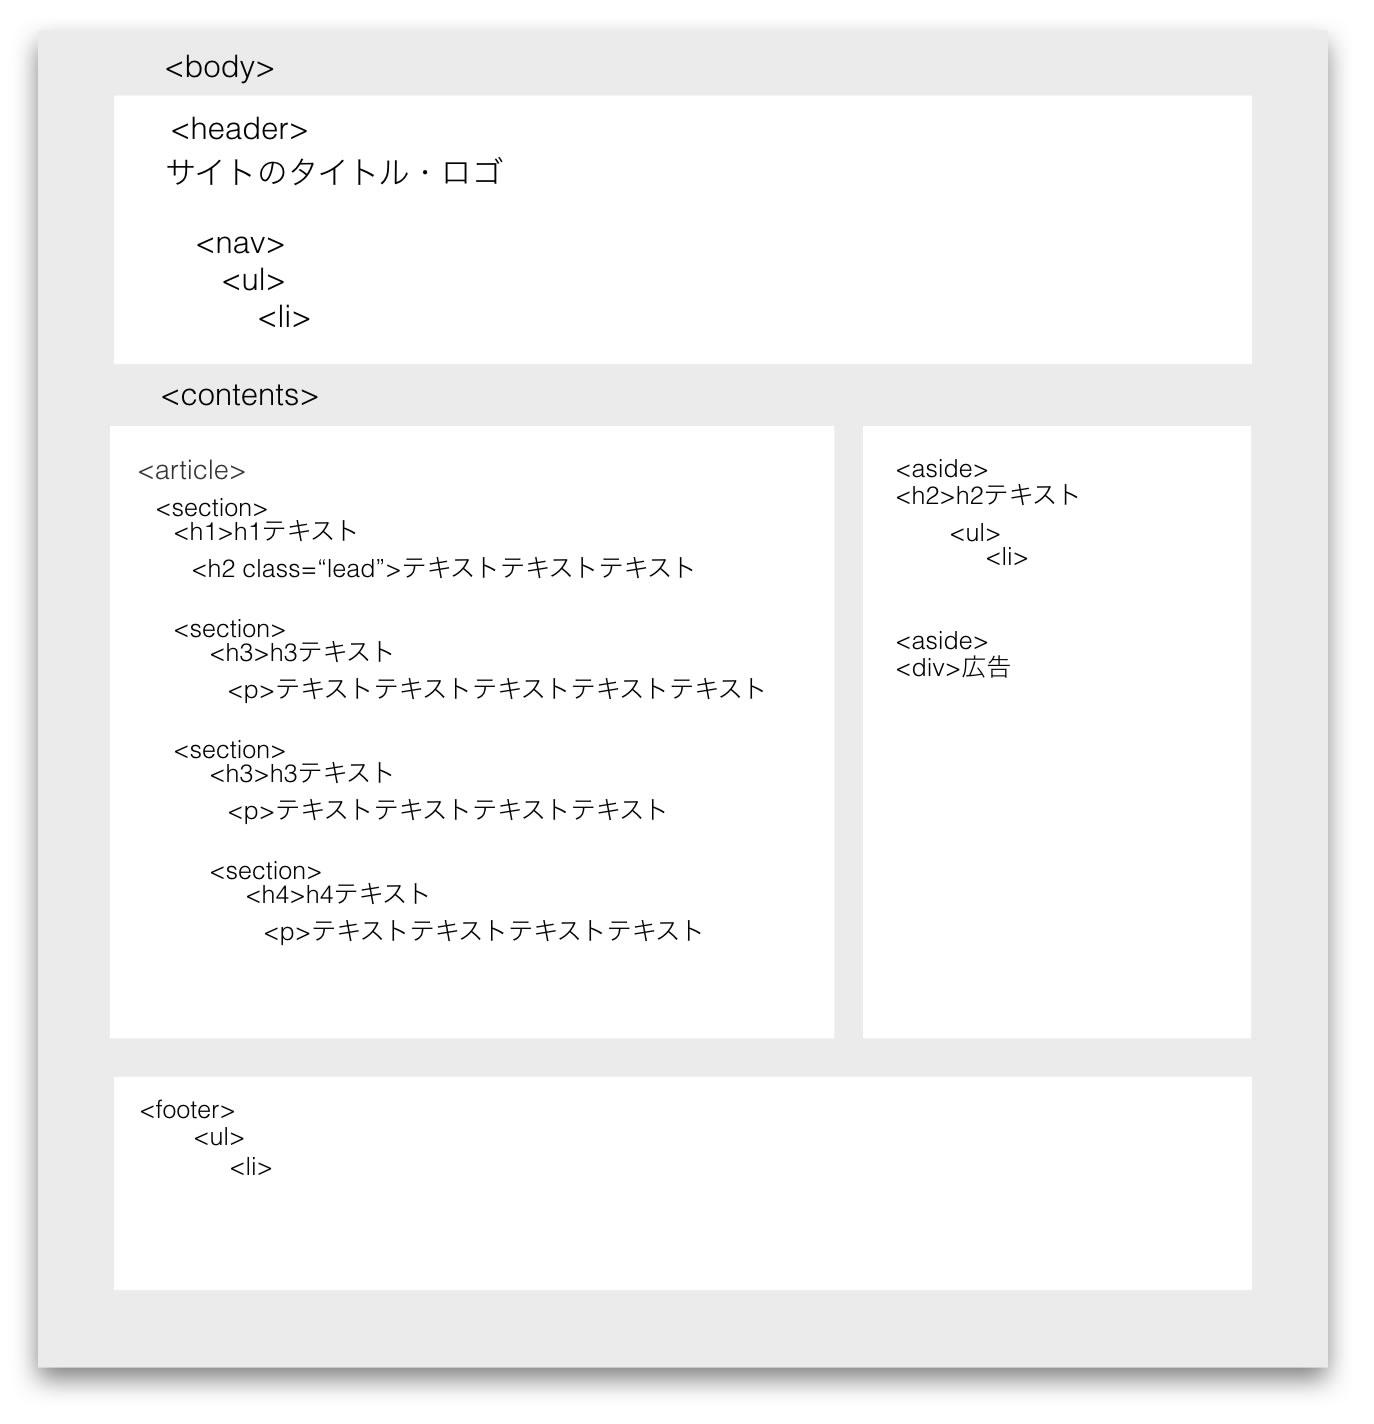 ページ全体のhtml構造化イメージ